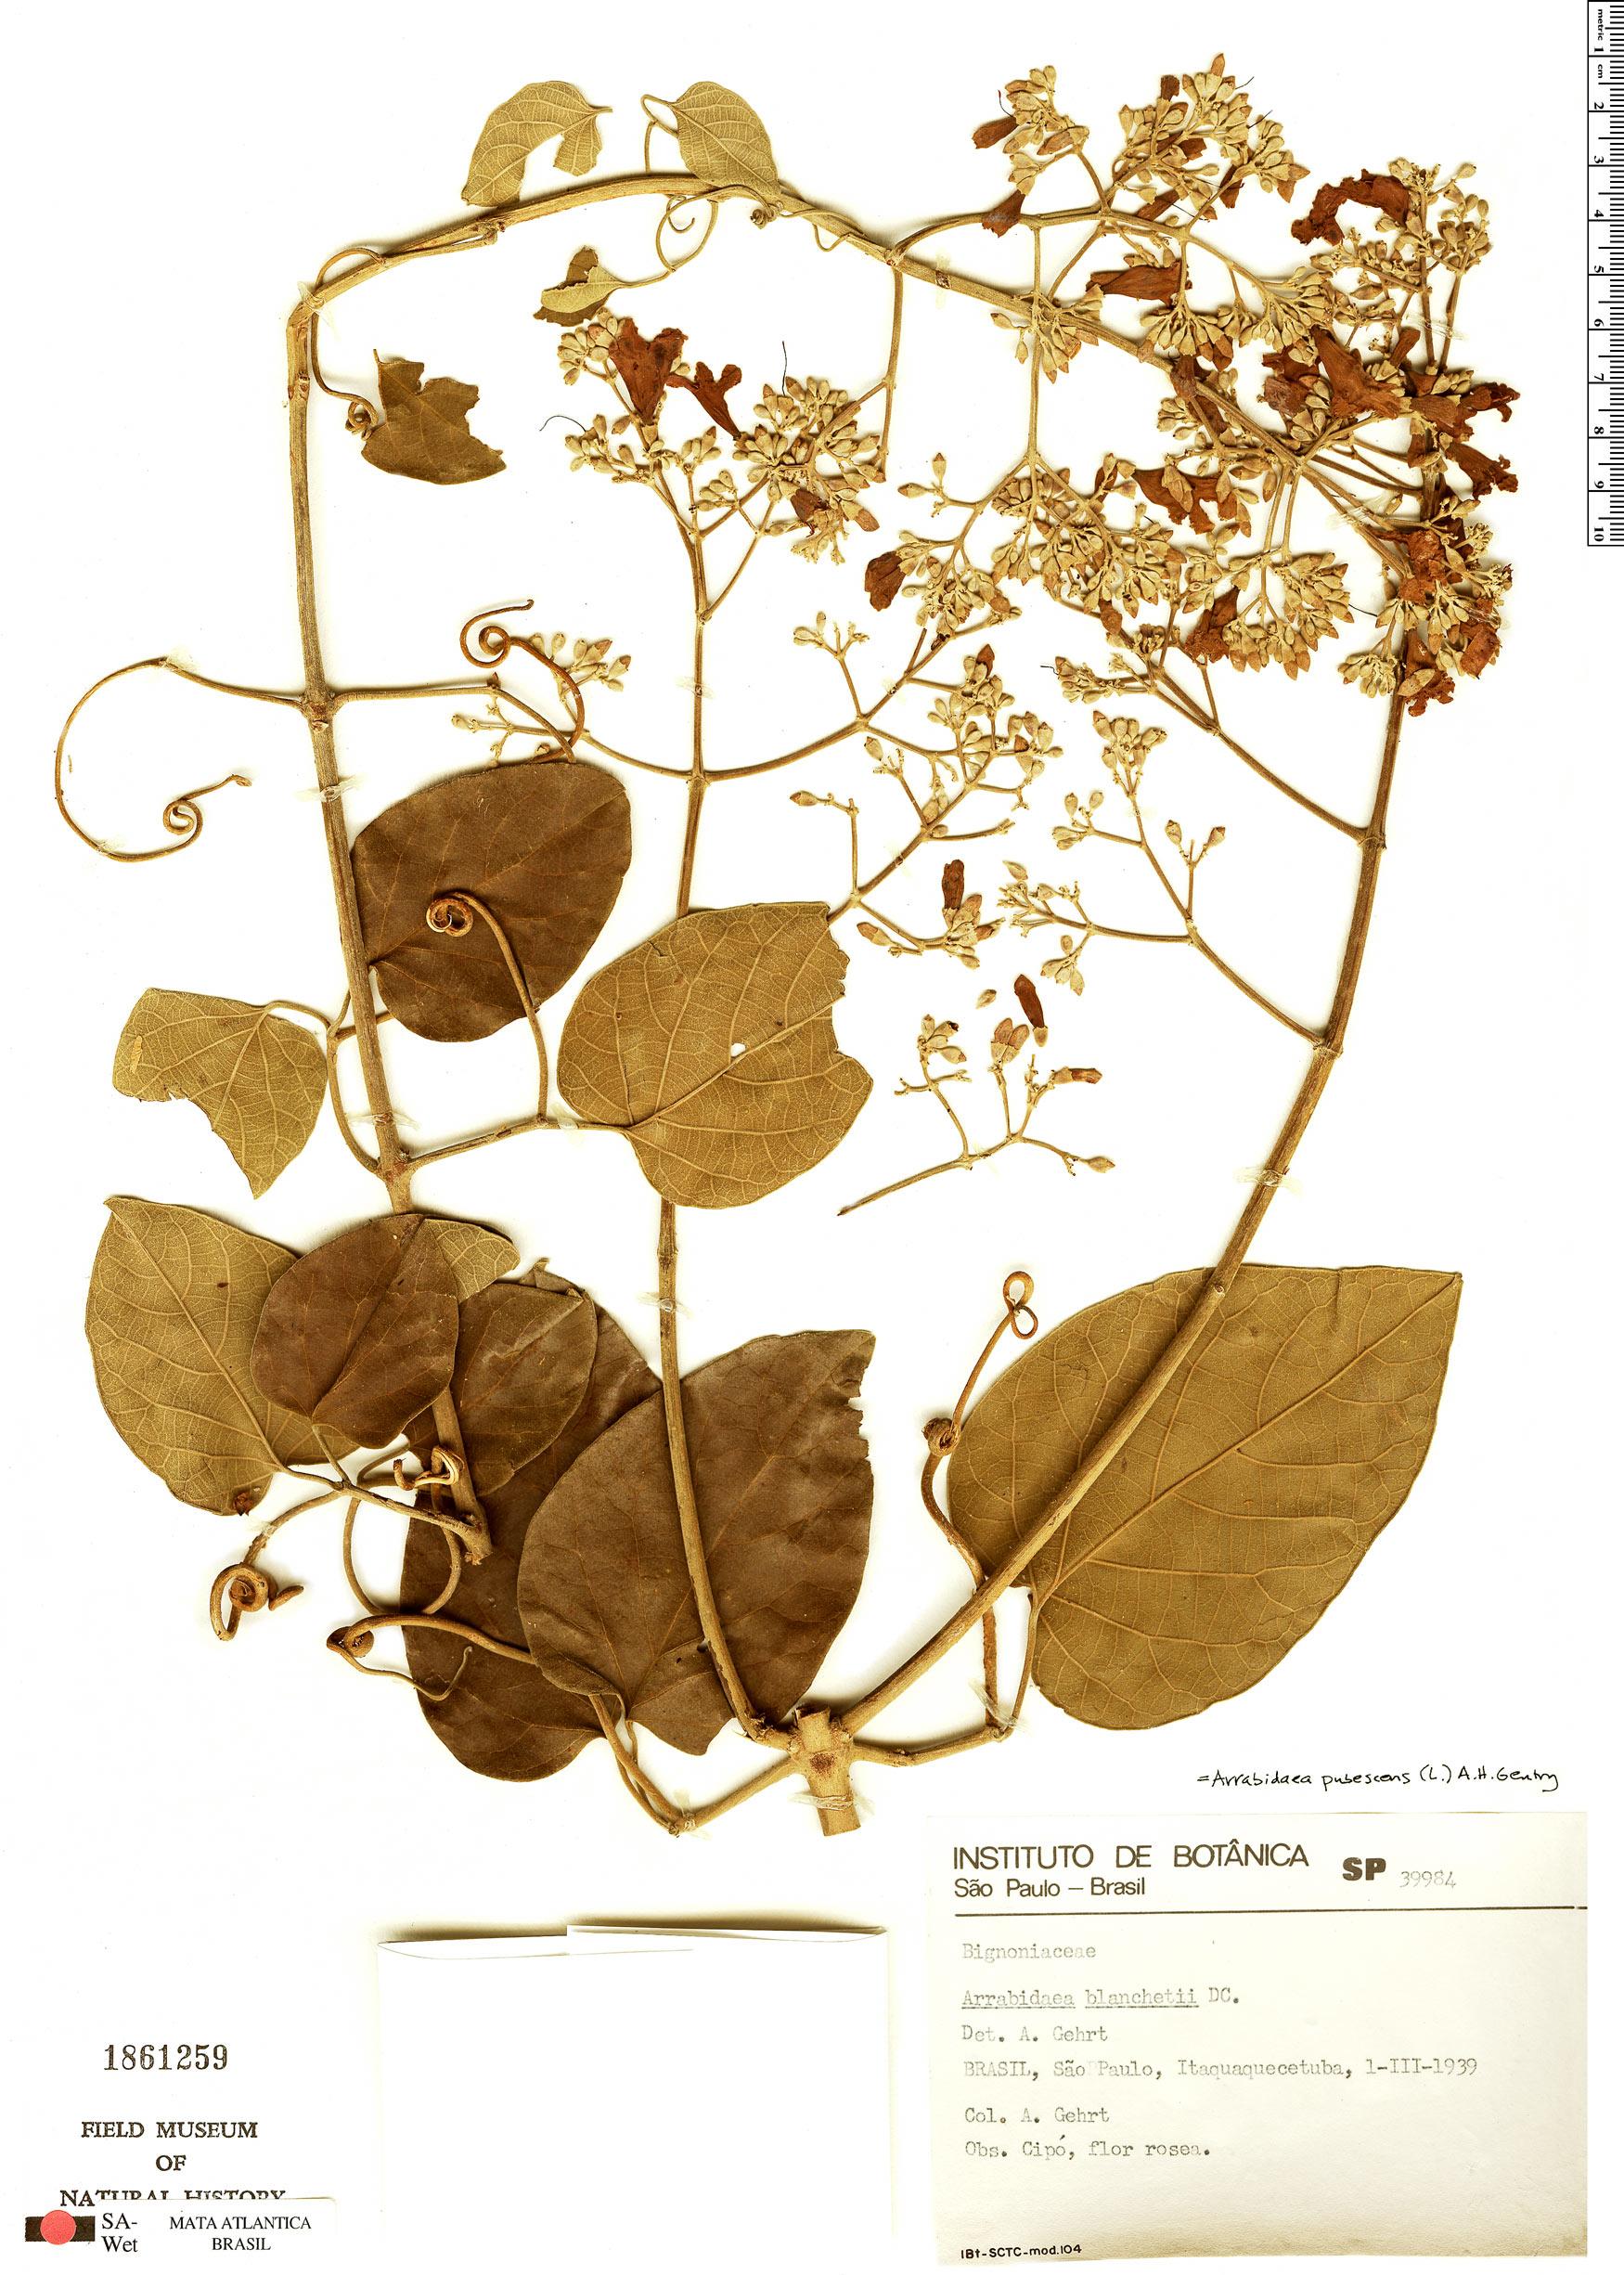 Specimen: Fridericia pubescens